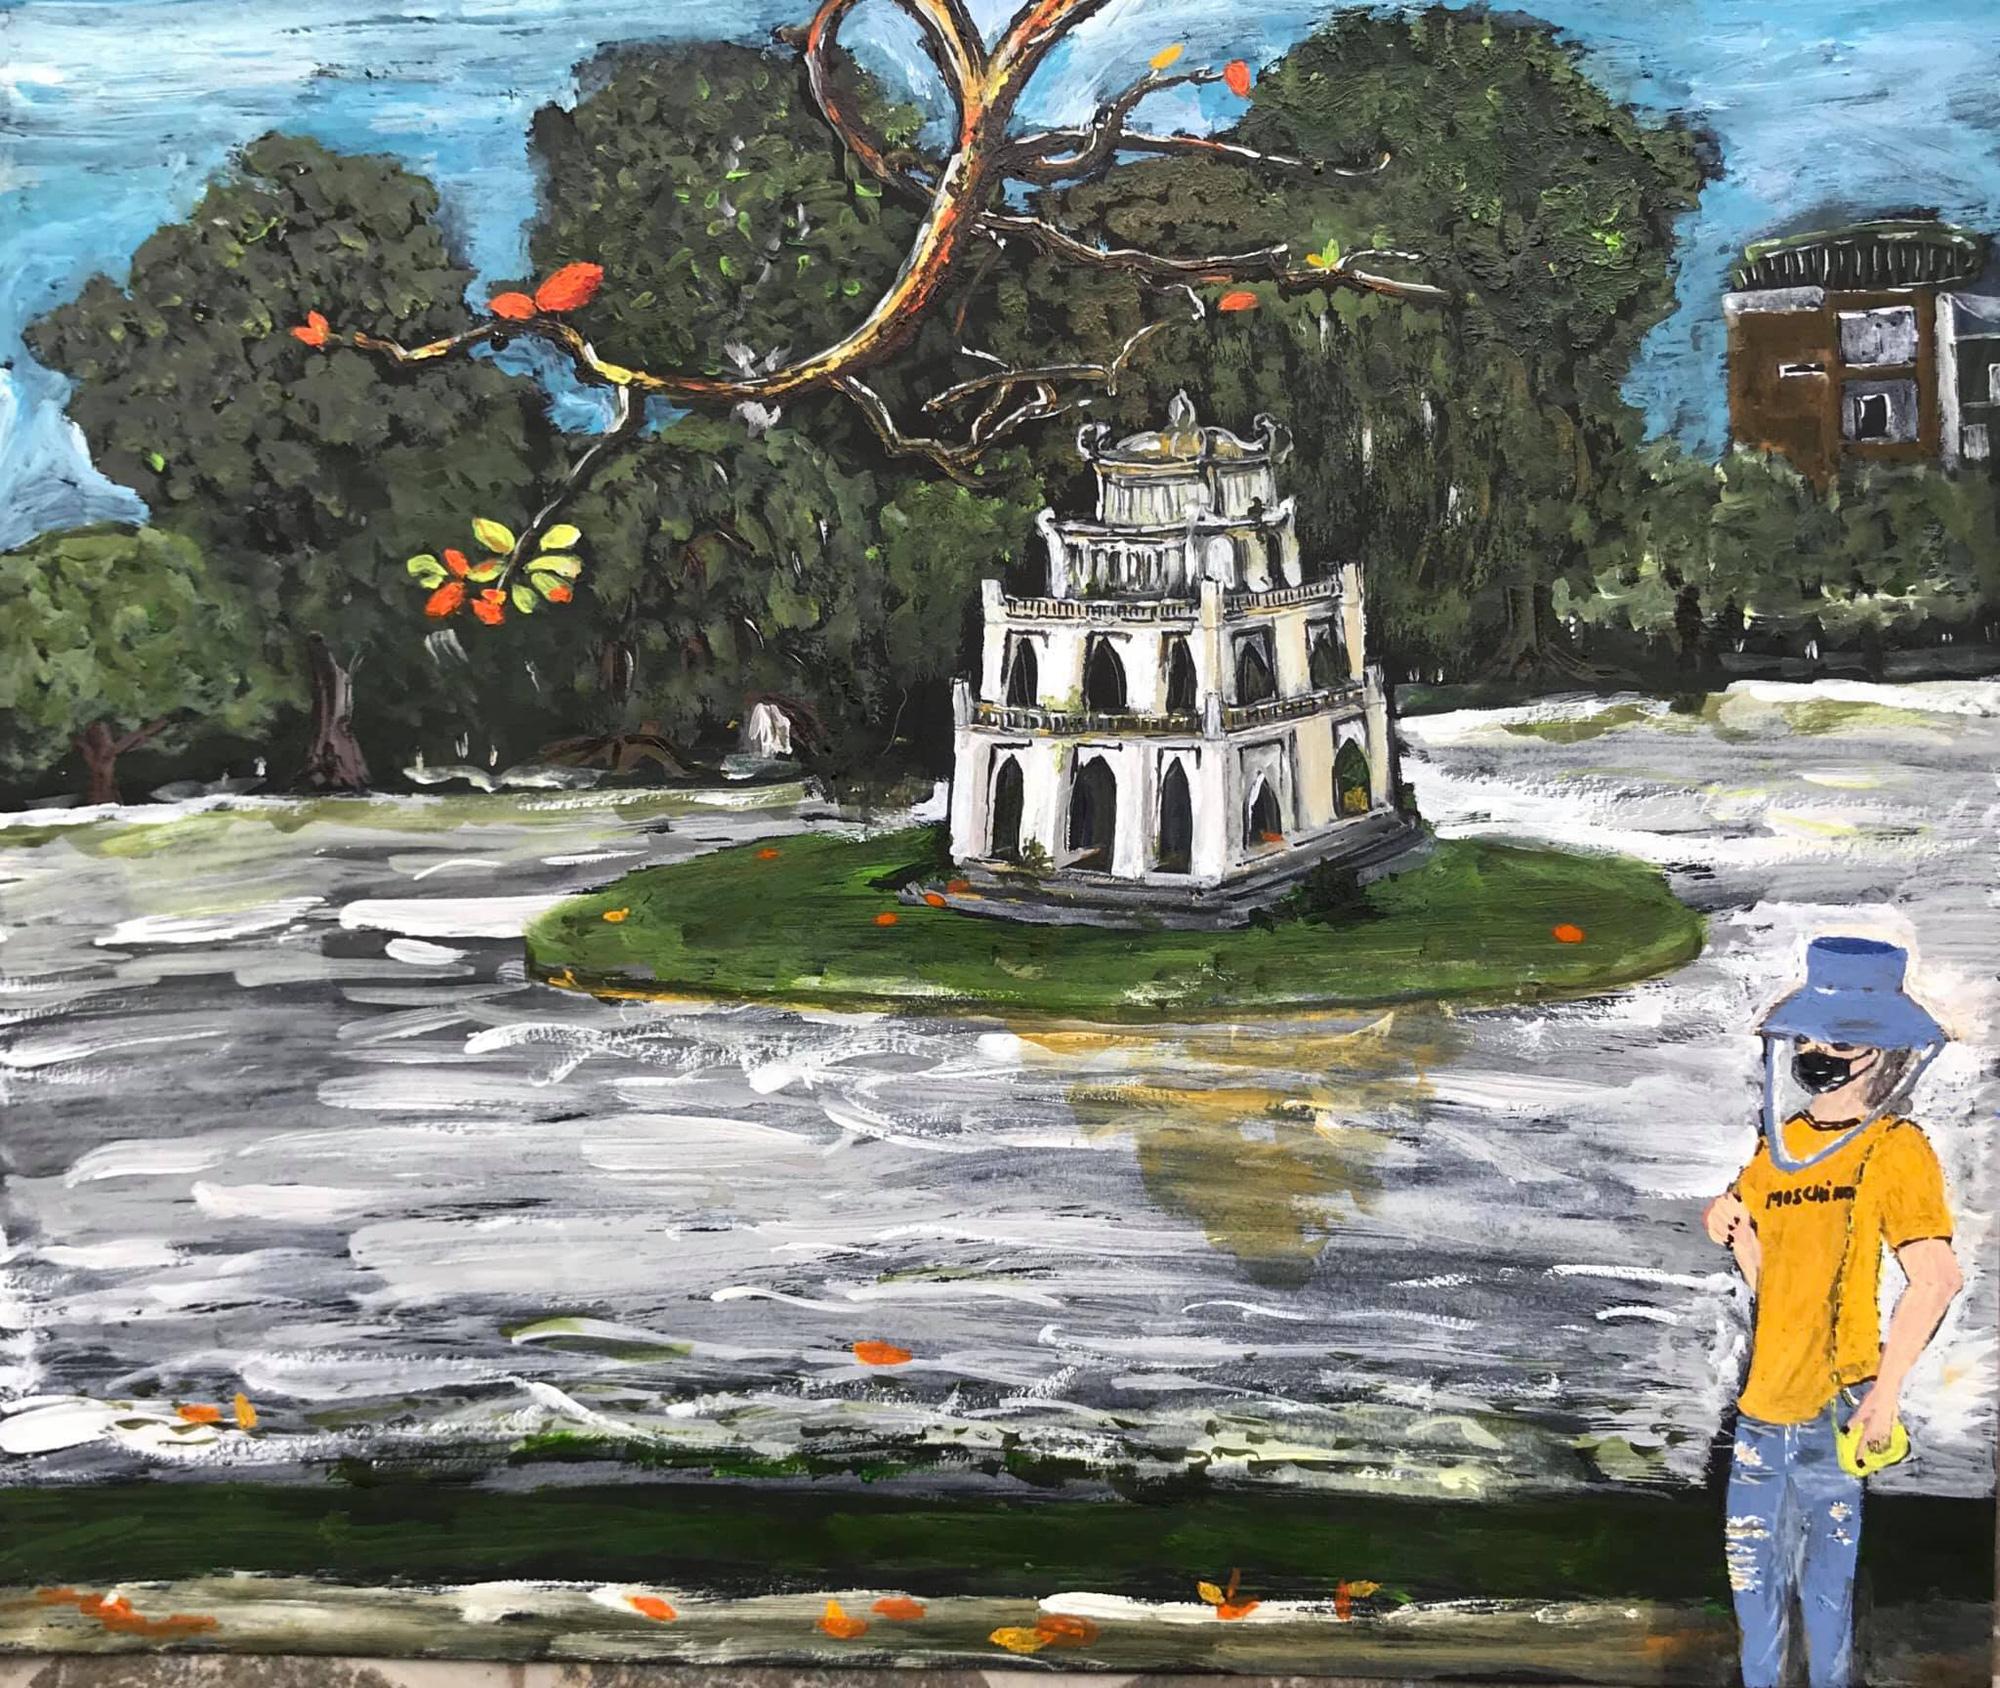 A pedestrian walks alongside Hoan Kiem Lake in Hanoi in this sketch by Sao Nguyen.